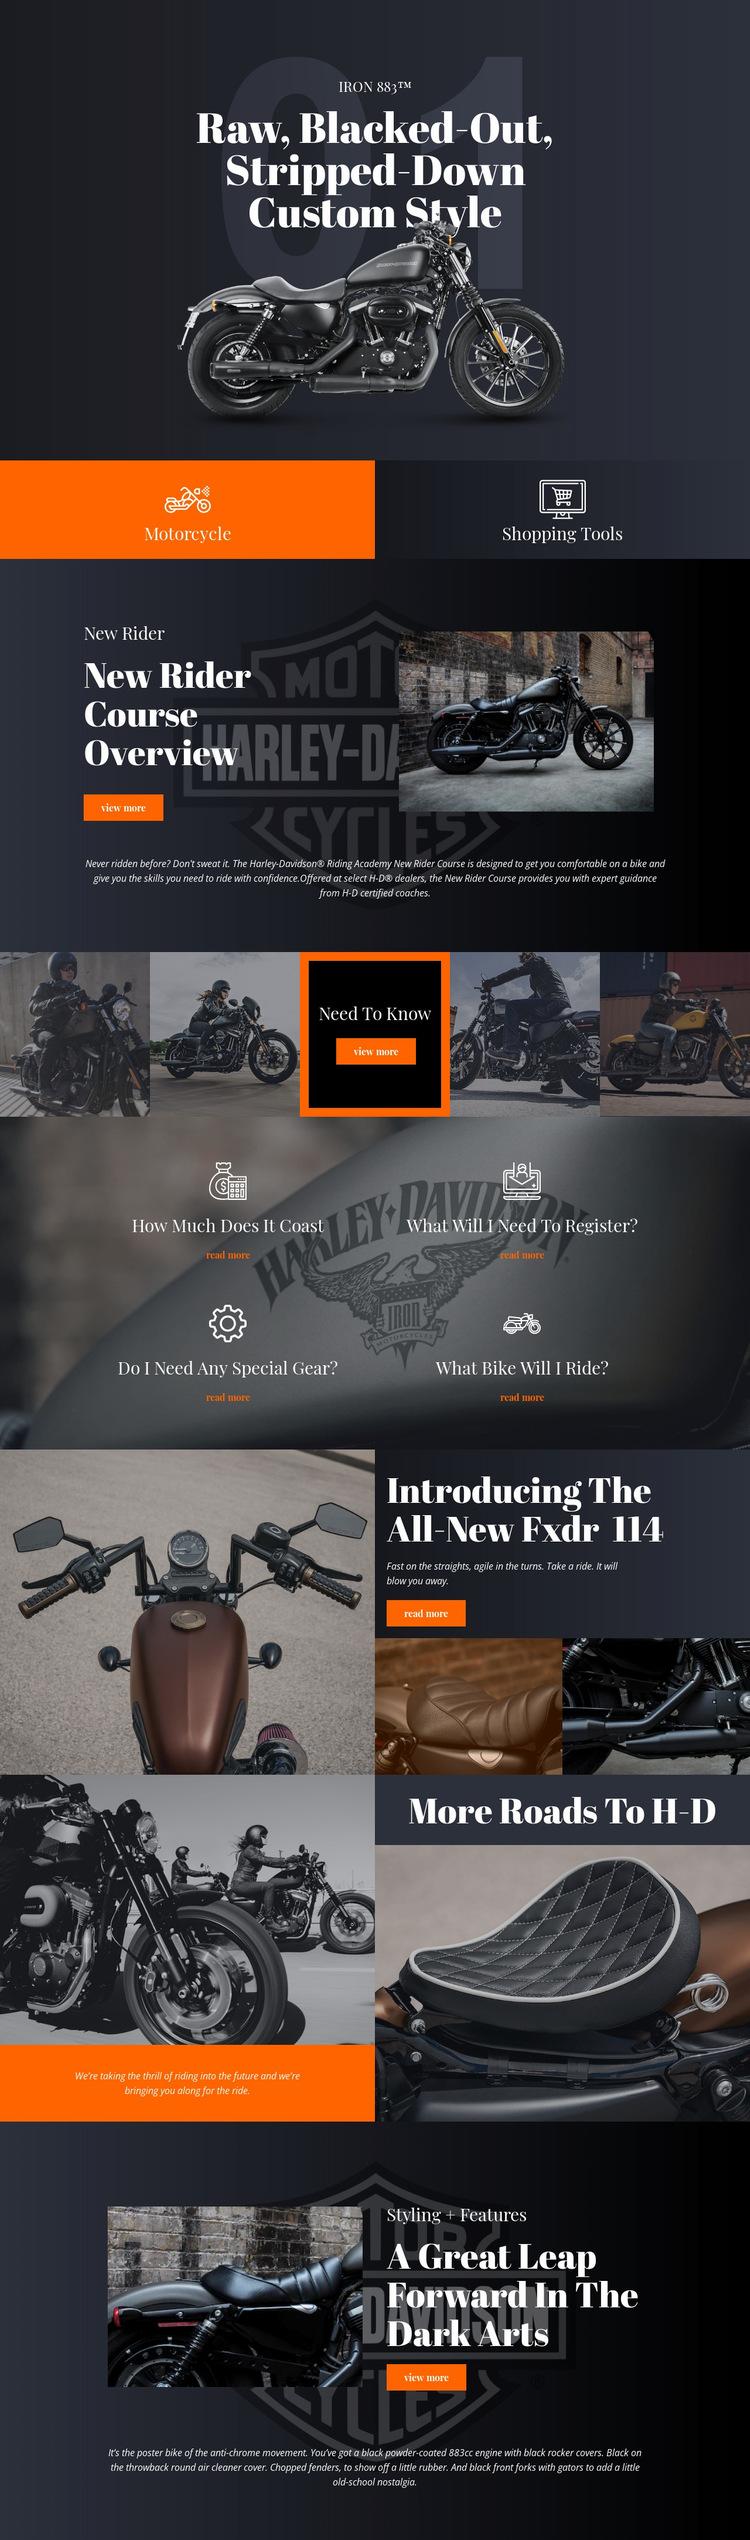 Harley Davidson Website Builder Templates